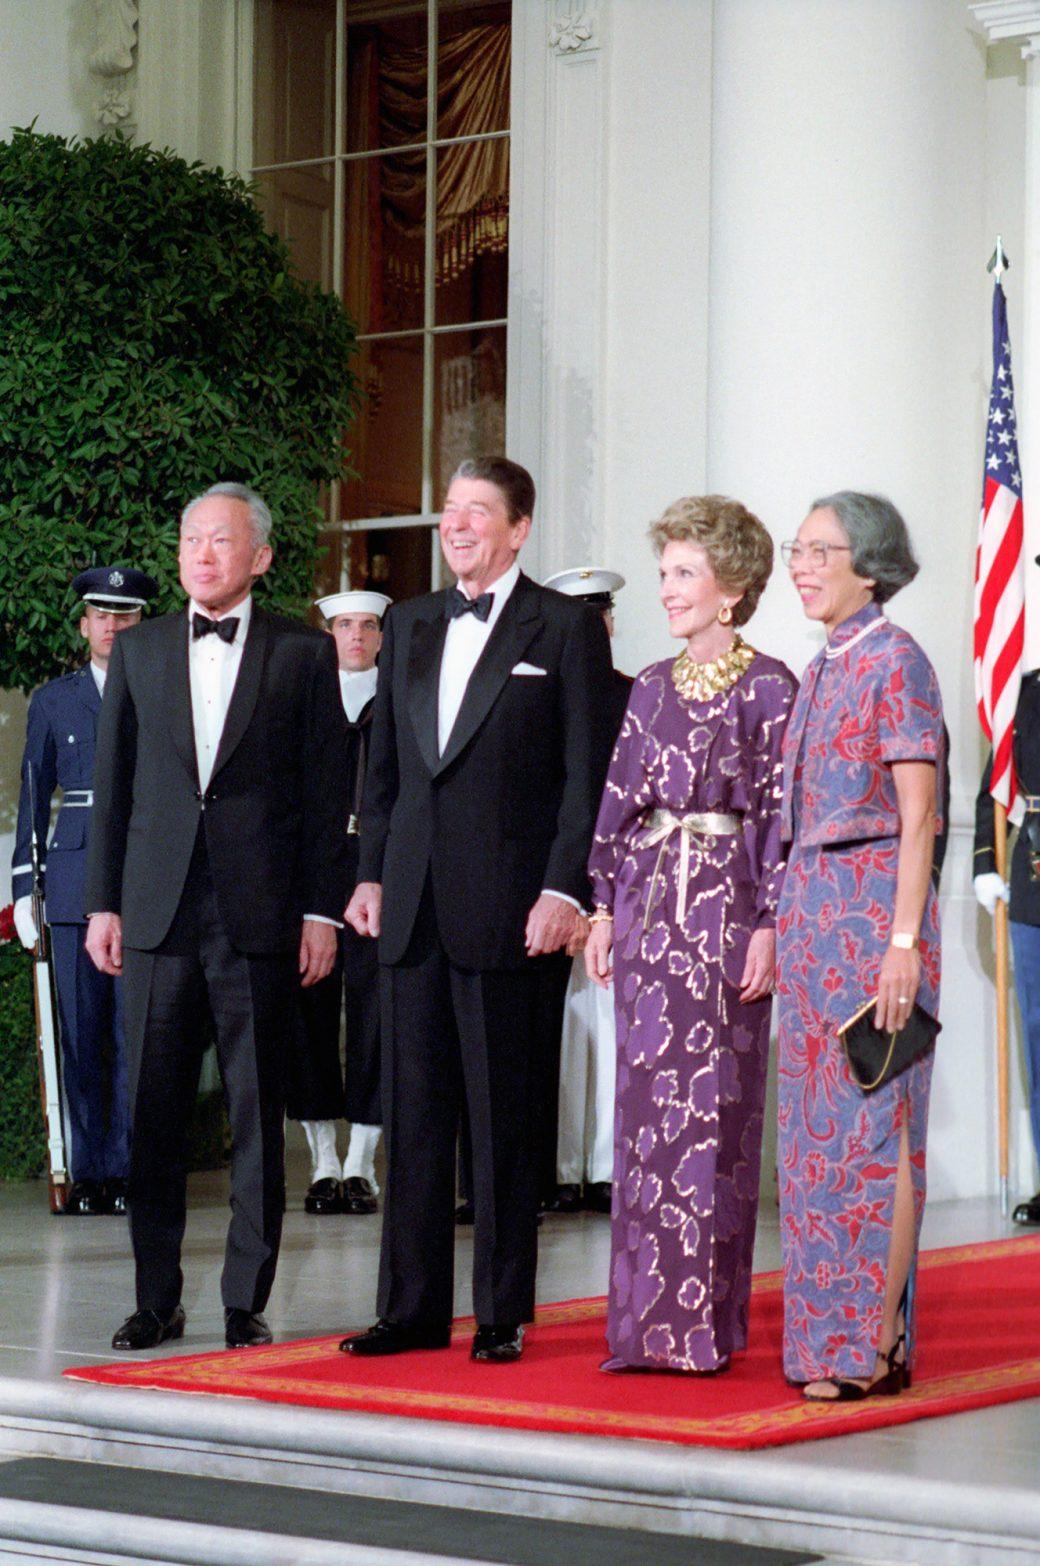 https://www.whitehouse.gov/wp-content/uploads/2018/04/Reagan_Singapore.jpg